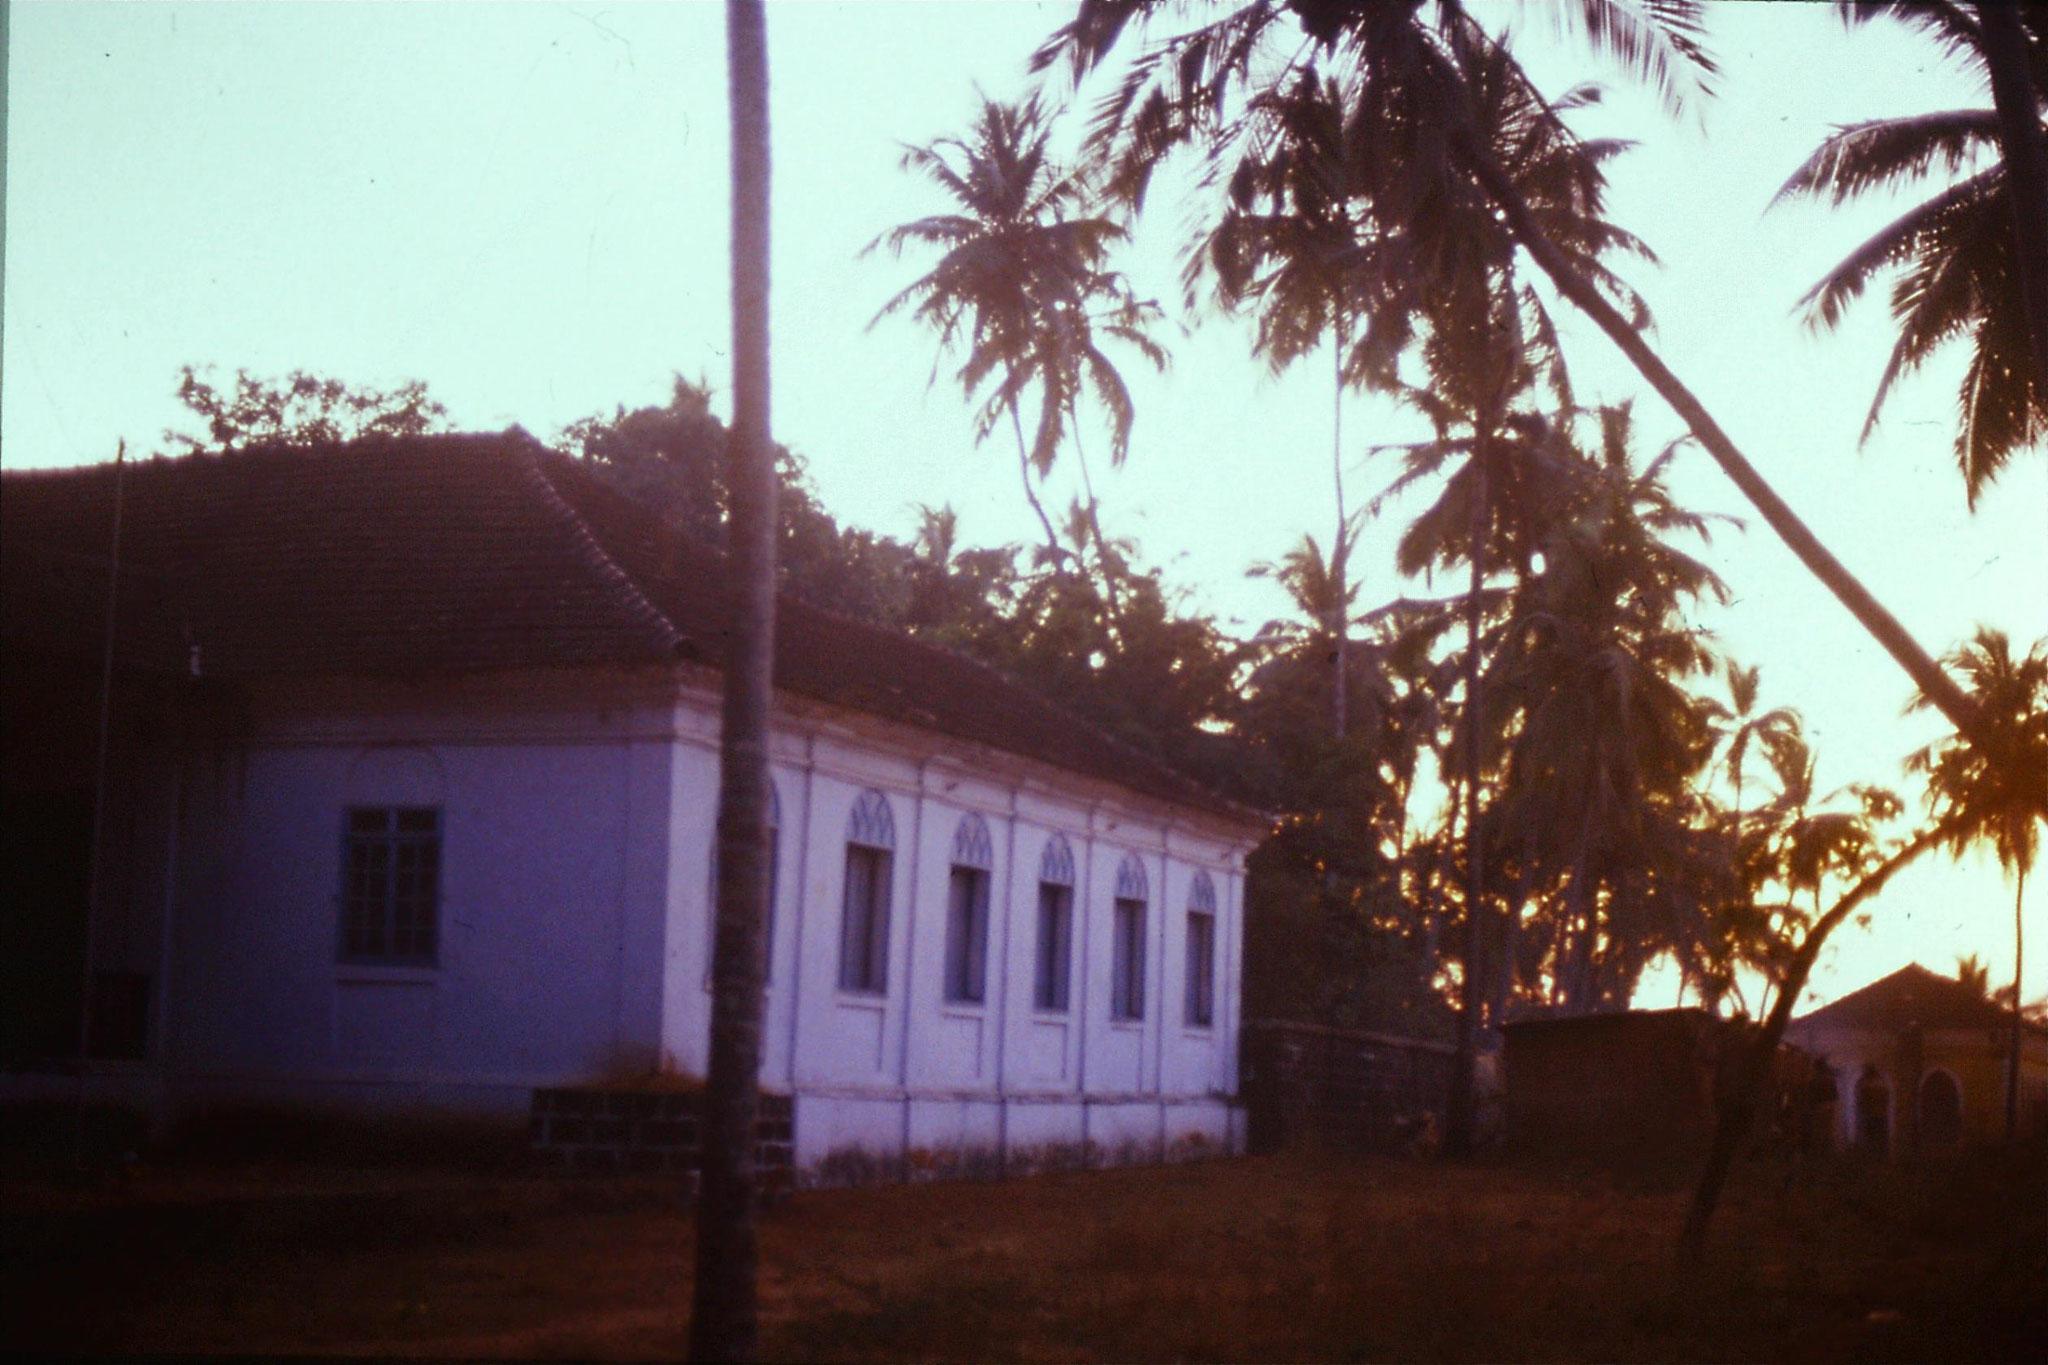 4/1/1990: 0: Goa Candolim sunset over Rodriguez house